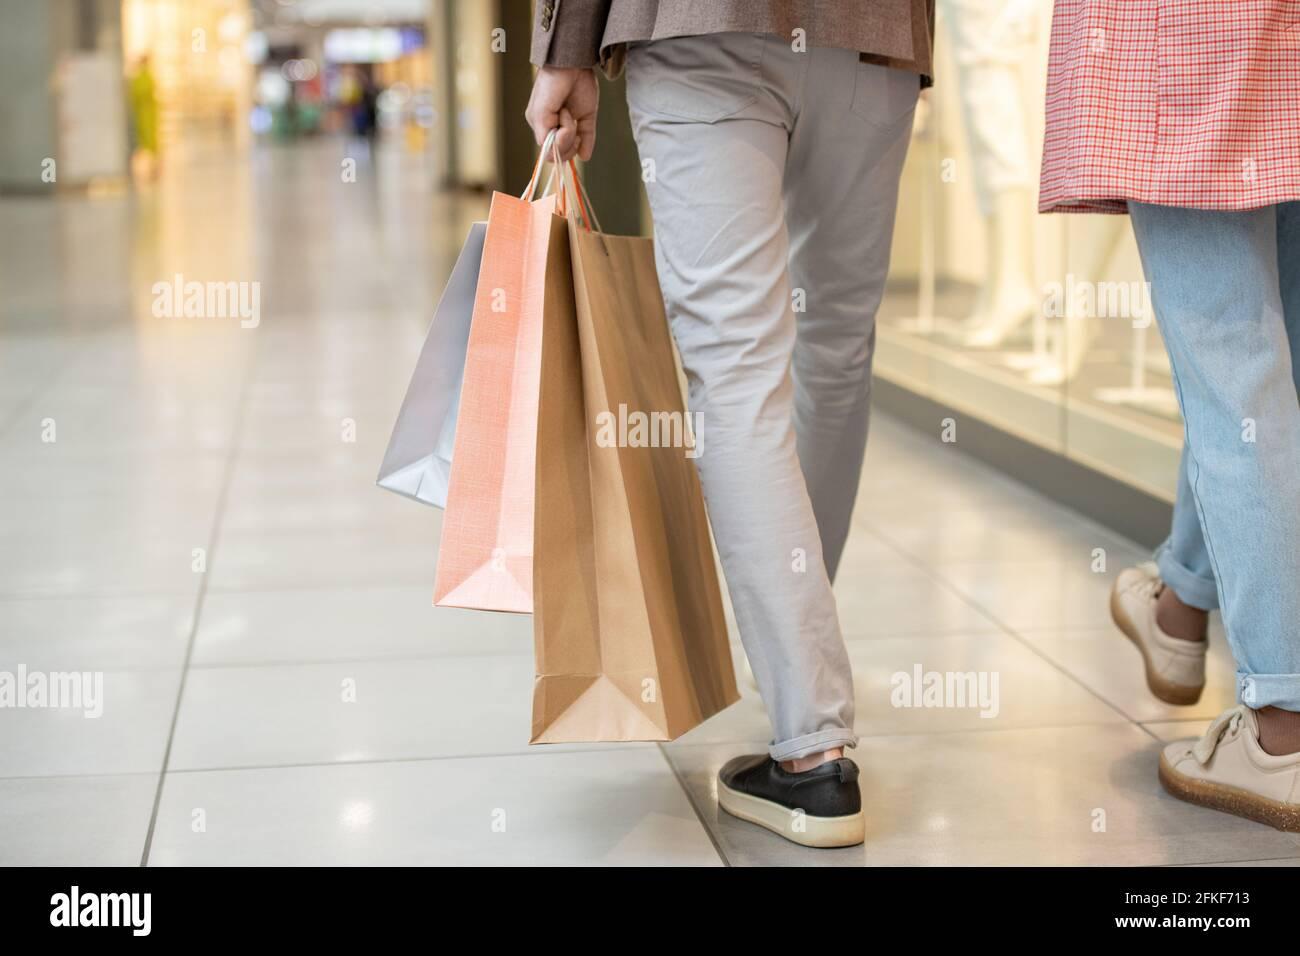 Homme portant des sacs de shopping tout en se déplaçant à l'intérieur du centre commercial Banque D'Images